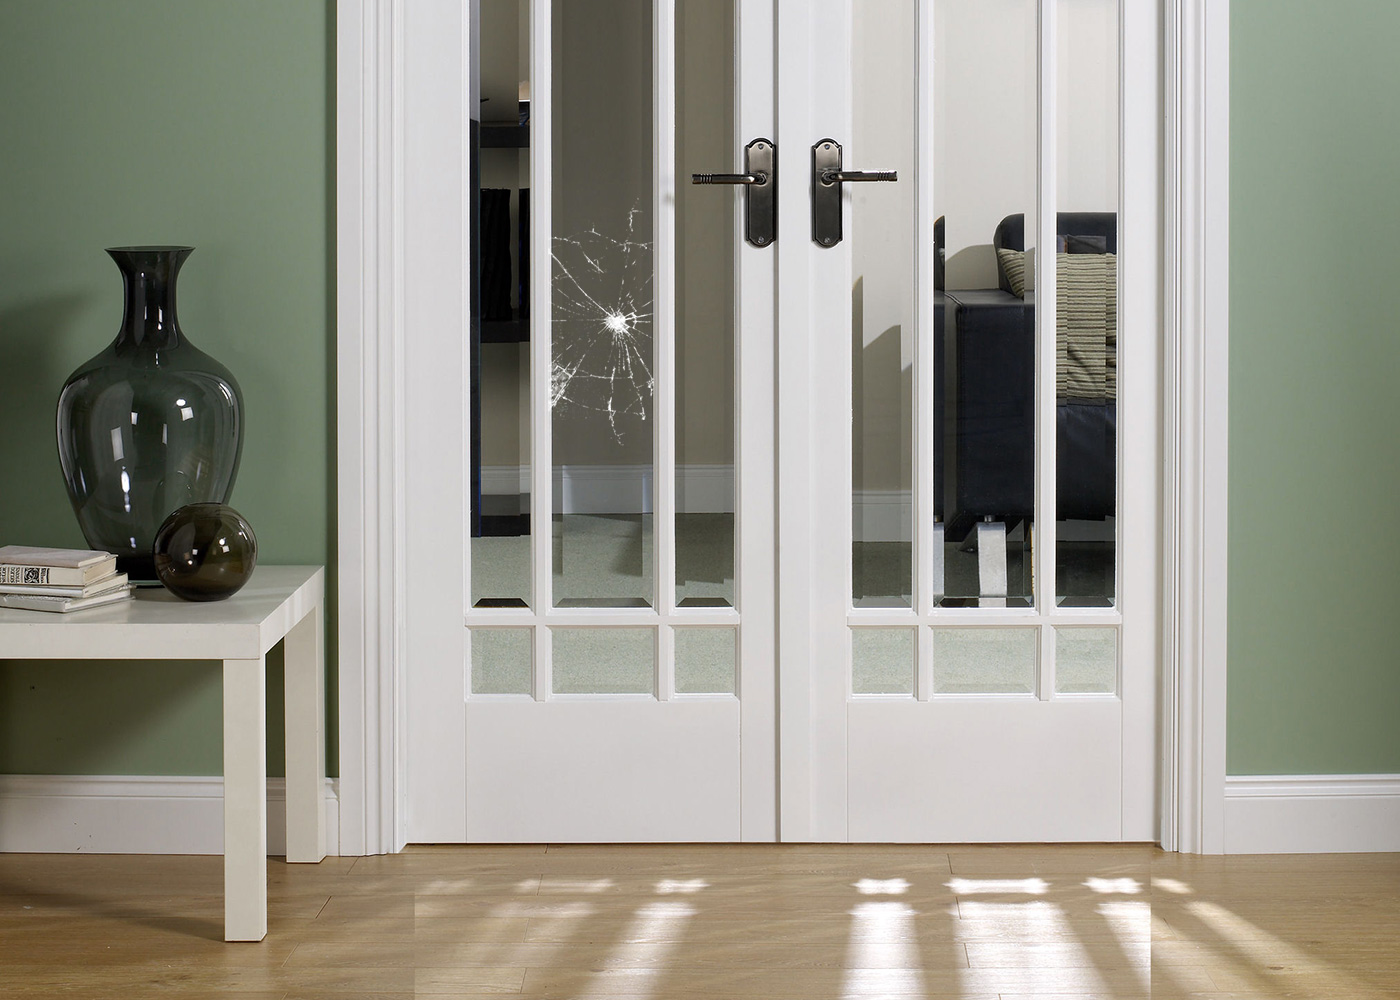 Савуния вдоме с открытой дверю фото 14 фотография